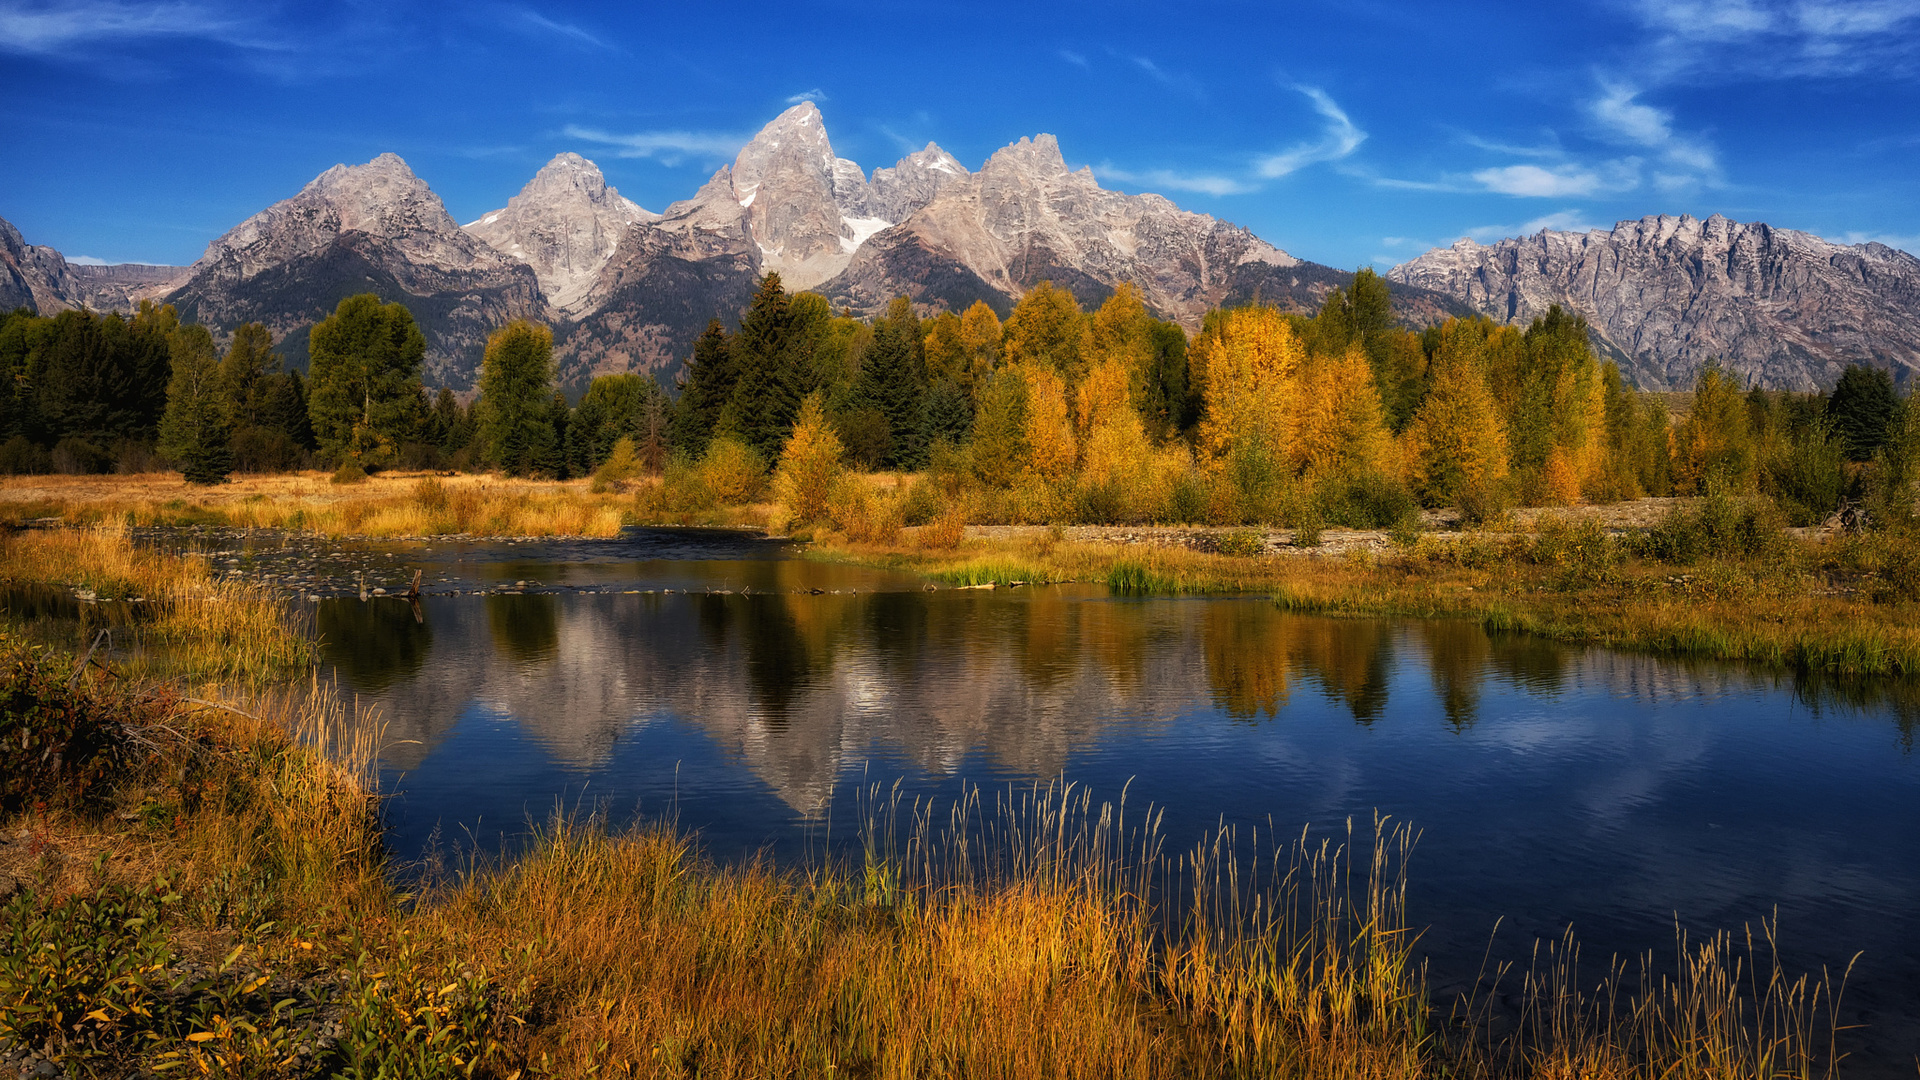 природа, осень, сша, национальный парк, гранд-титон, grand teton national park, горы, озеро, отражение